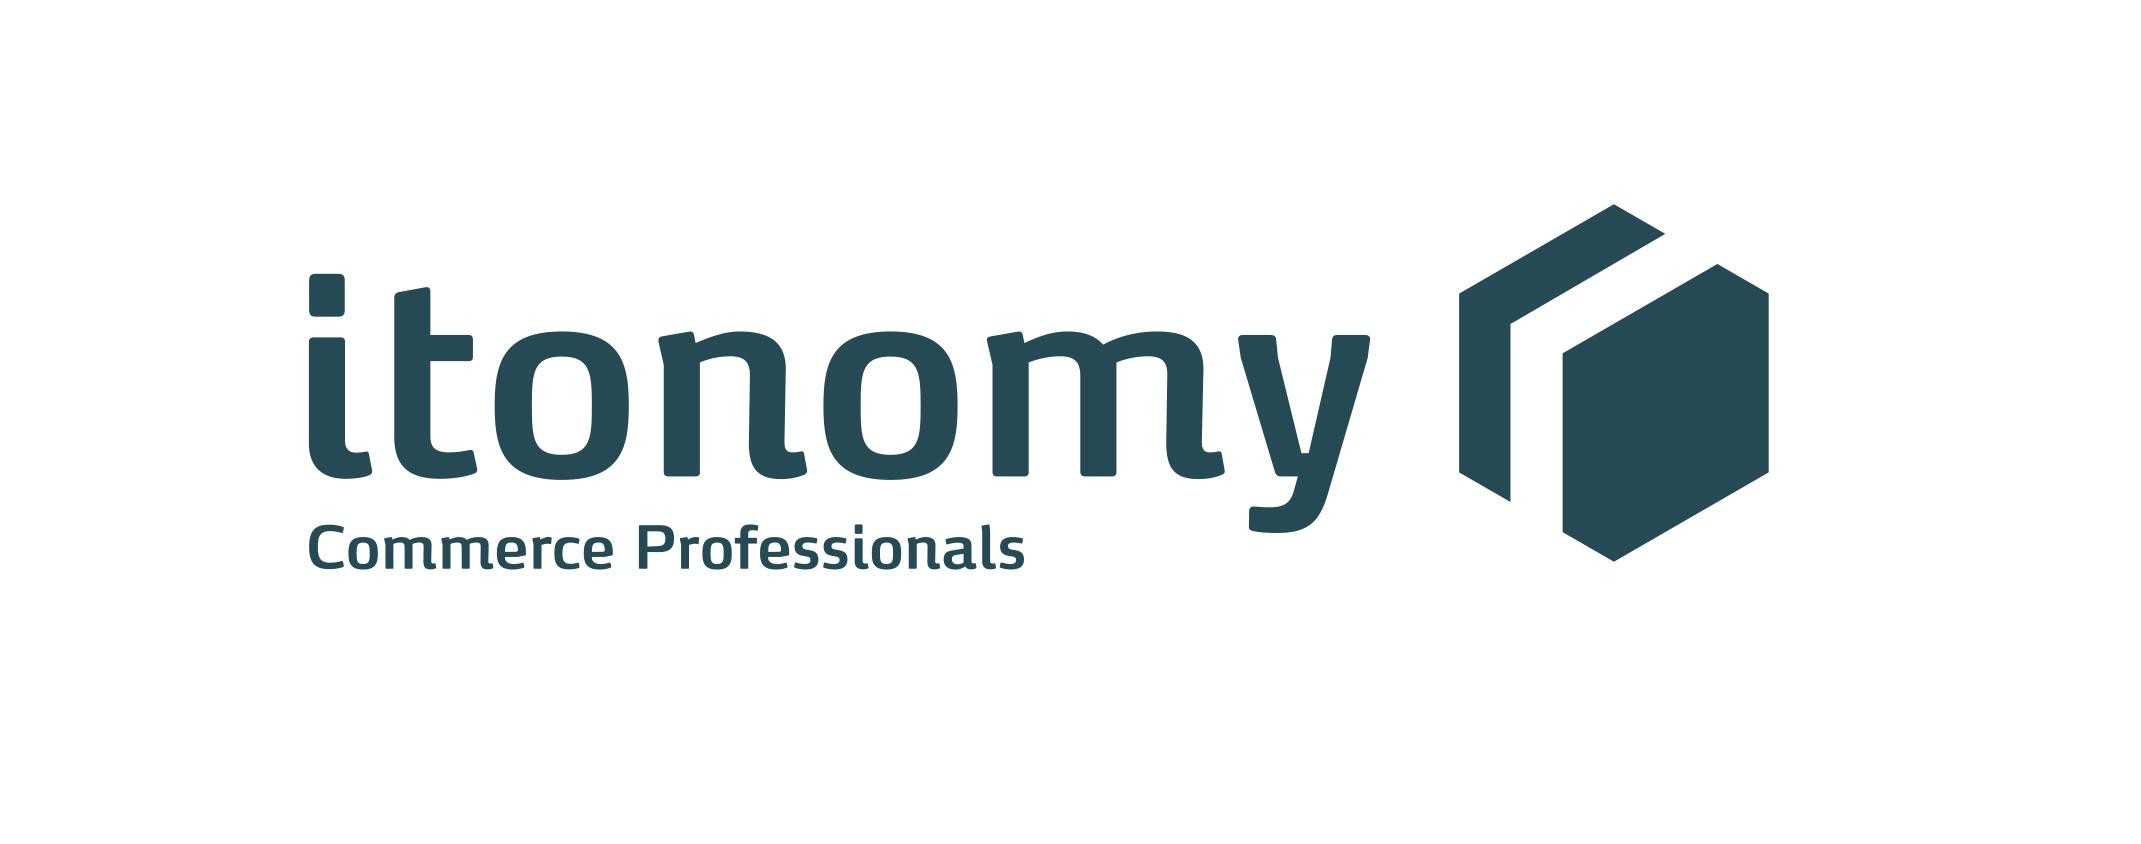 itonomy